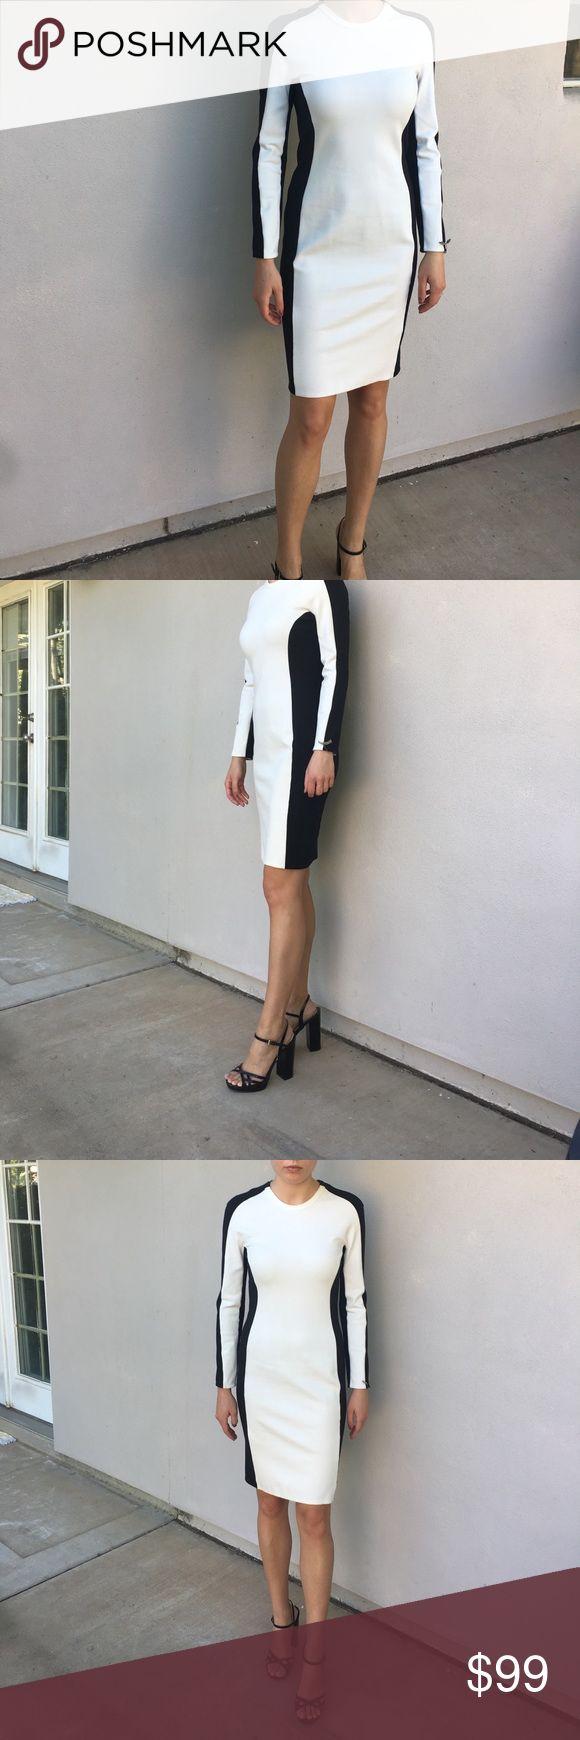 3.1 philip lim dress Philip lim body con dress 3.1 Phillip Lim Dresses Midi